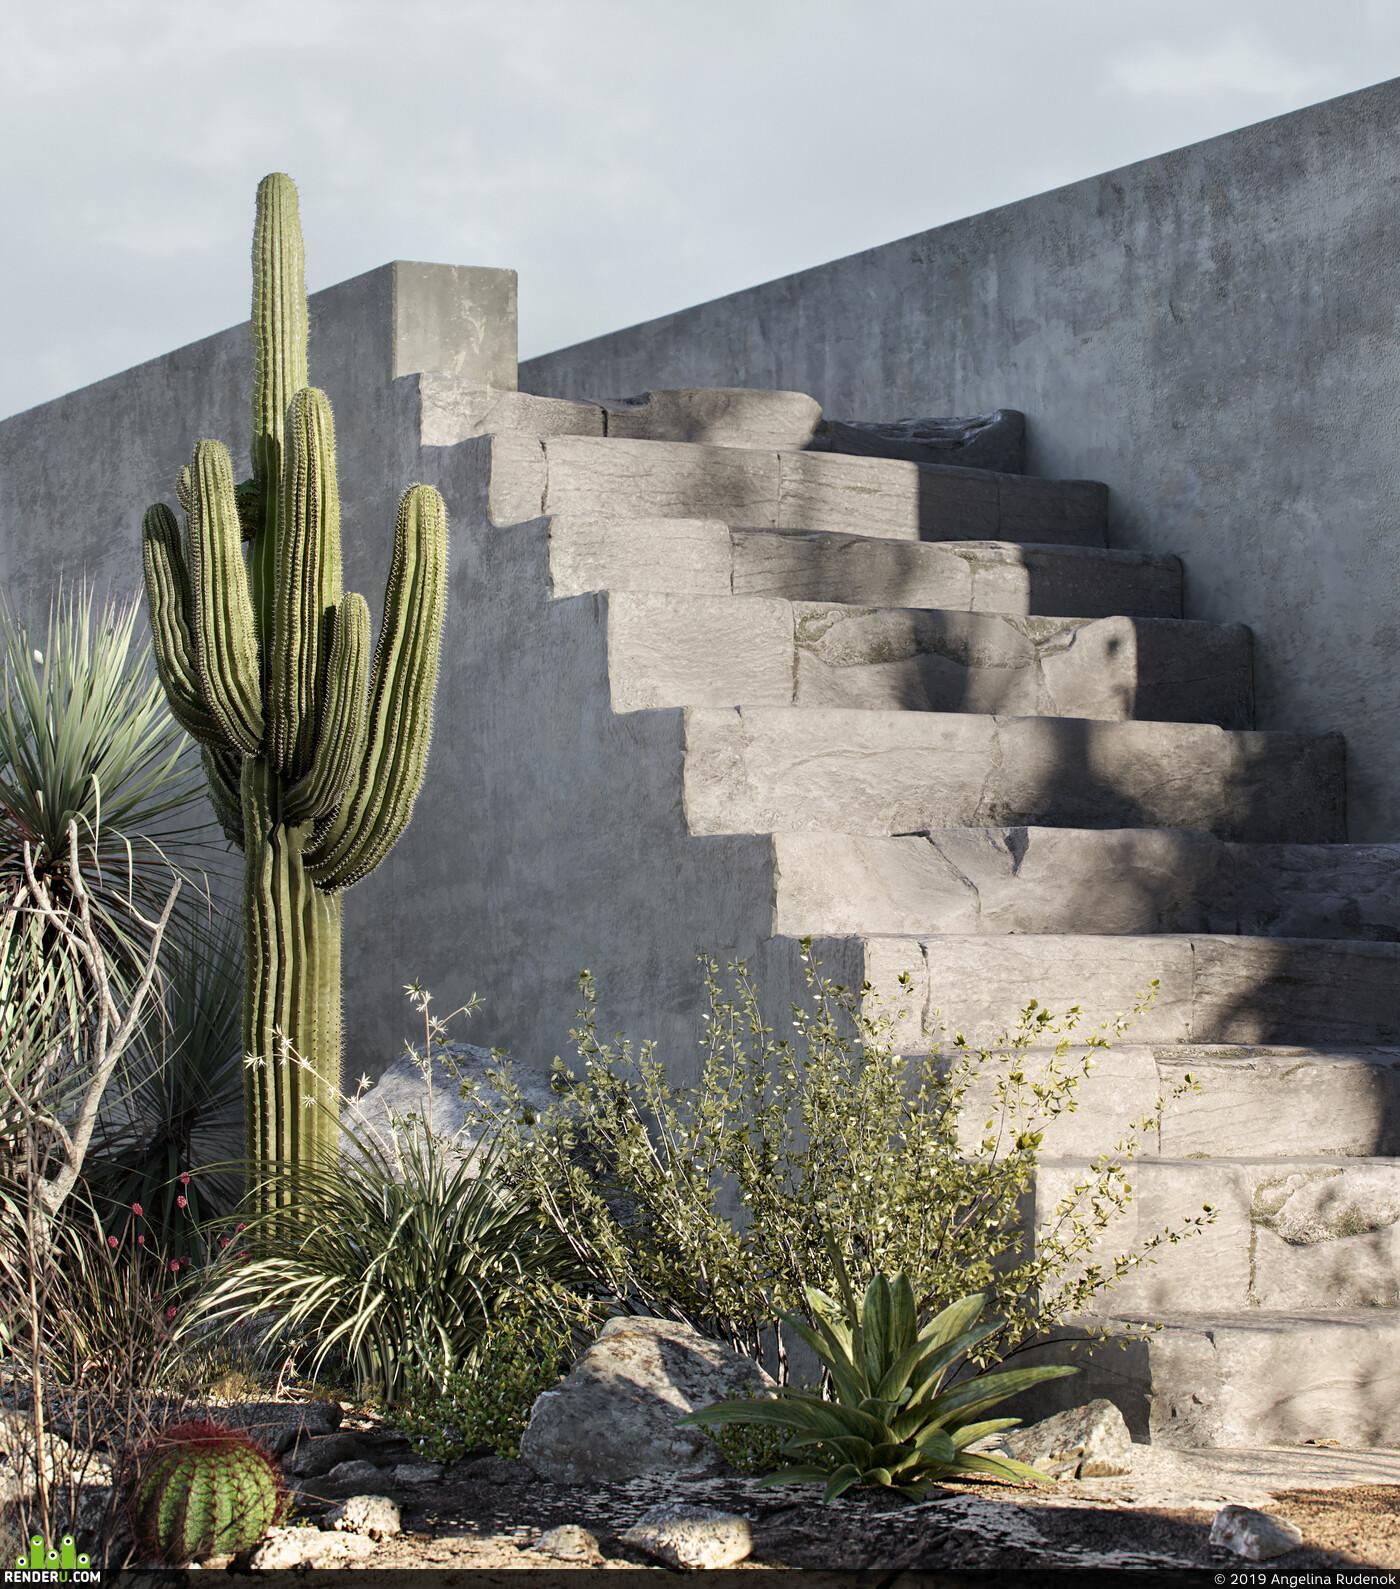 desert, Arizona, cactus, skull